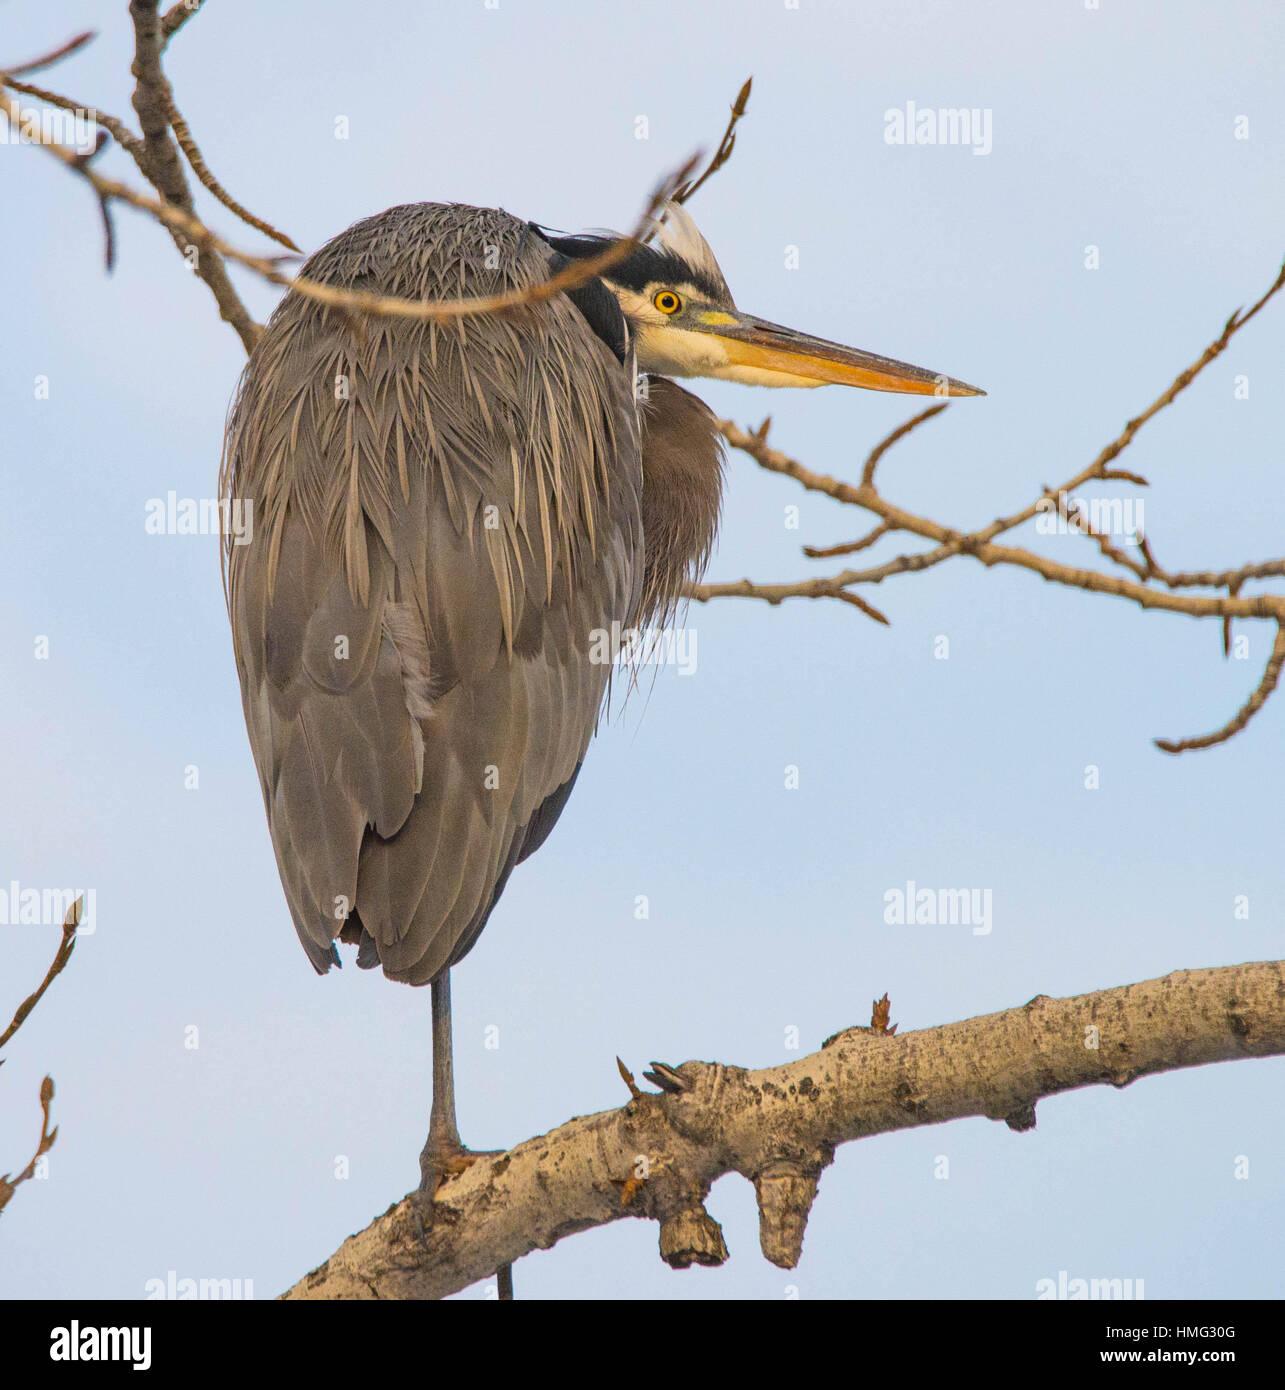 Oiseaux, Grand Héron perché sur un membre de l'arbre en hiver. New York, USA Photo Stock